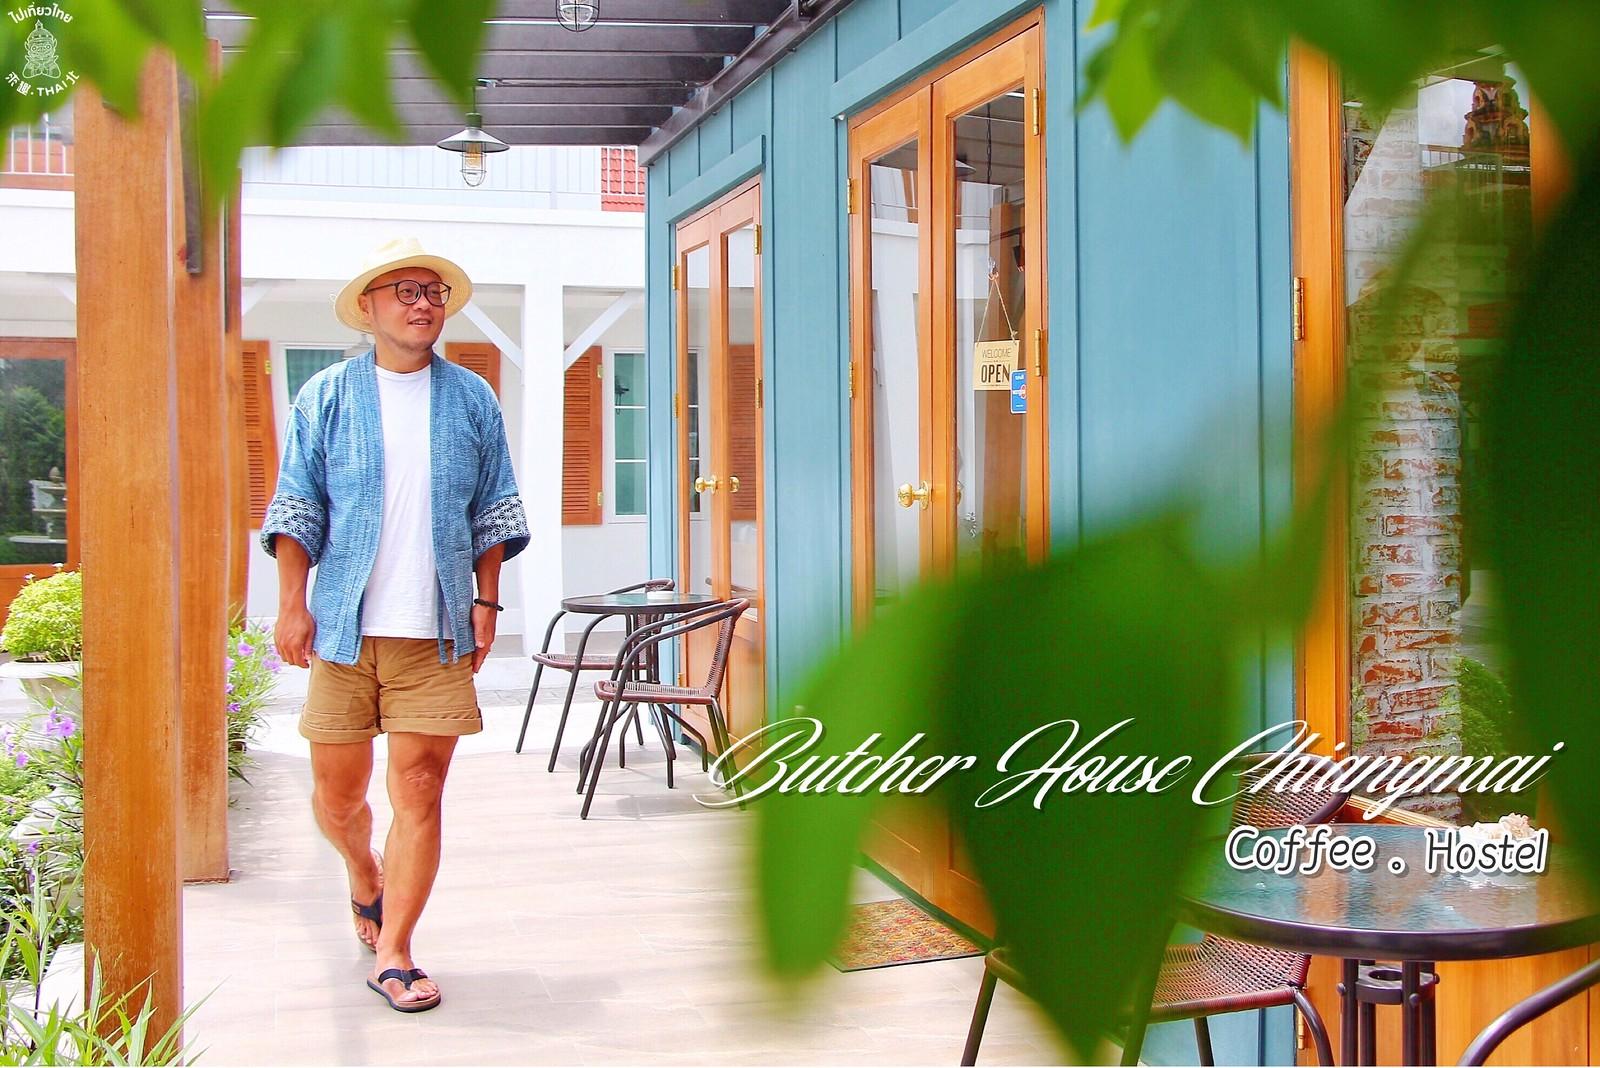 清新月河藍文青木屋風格咖啡館《Butcher House Chiangmai》